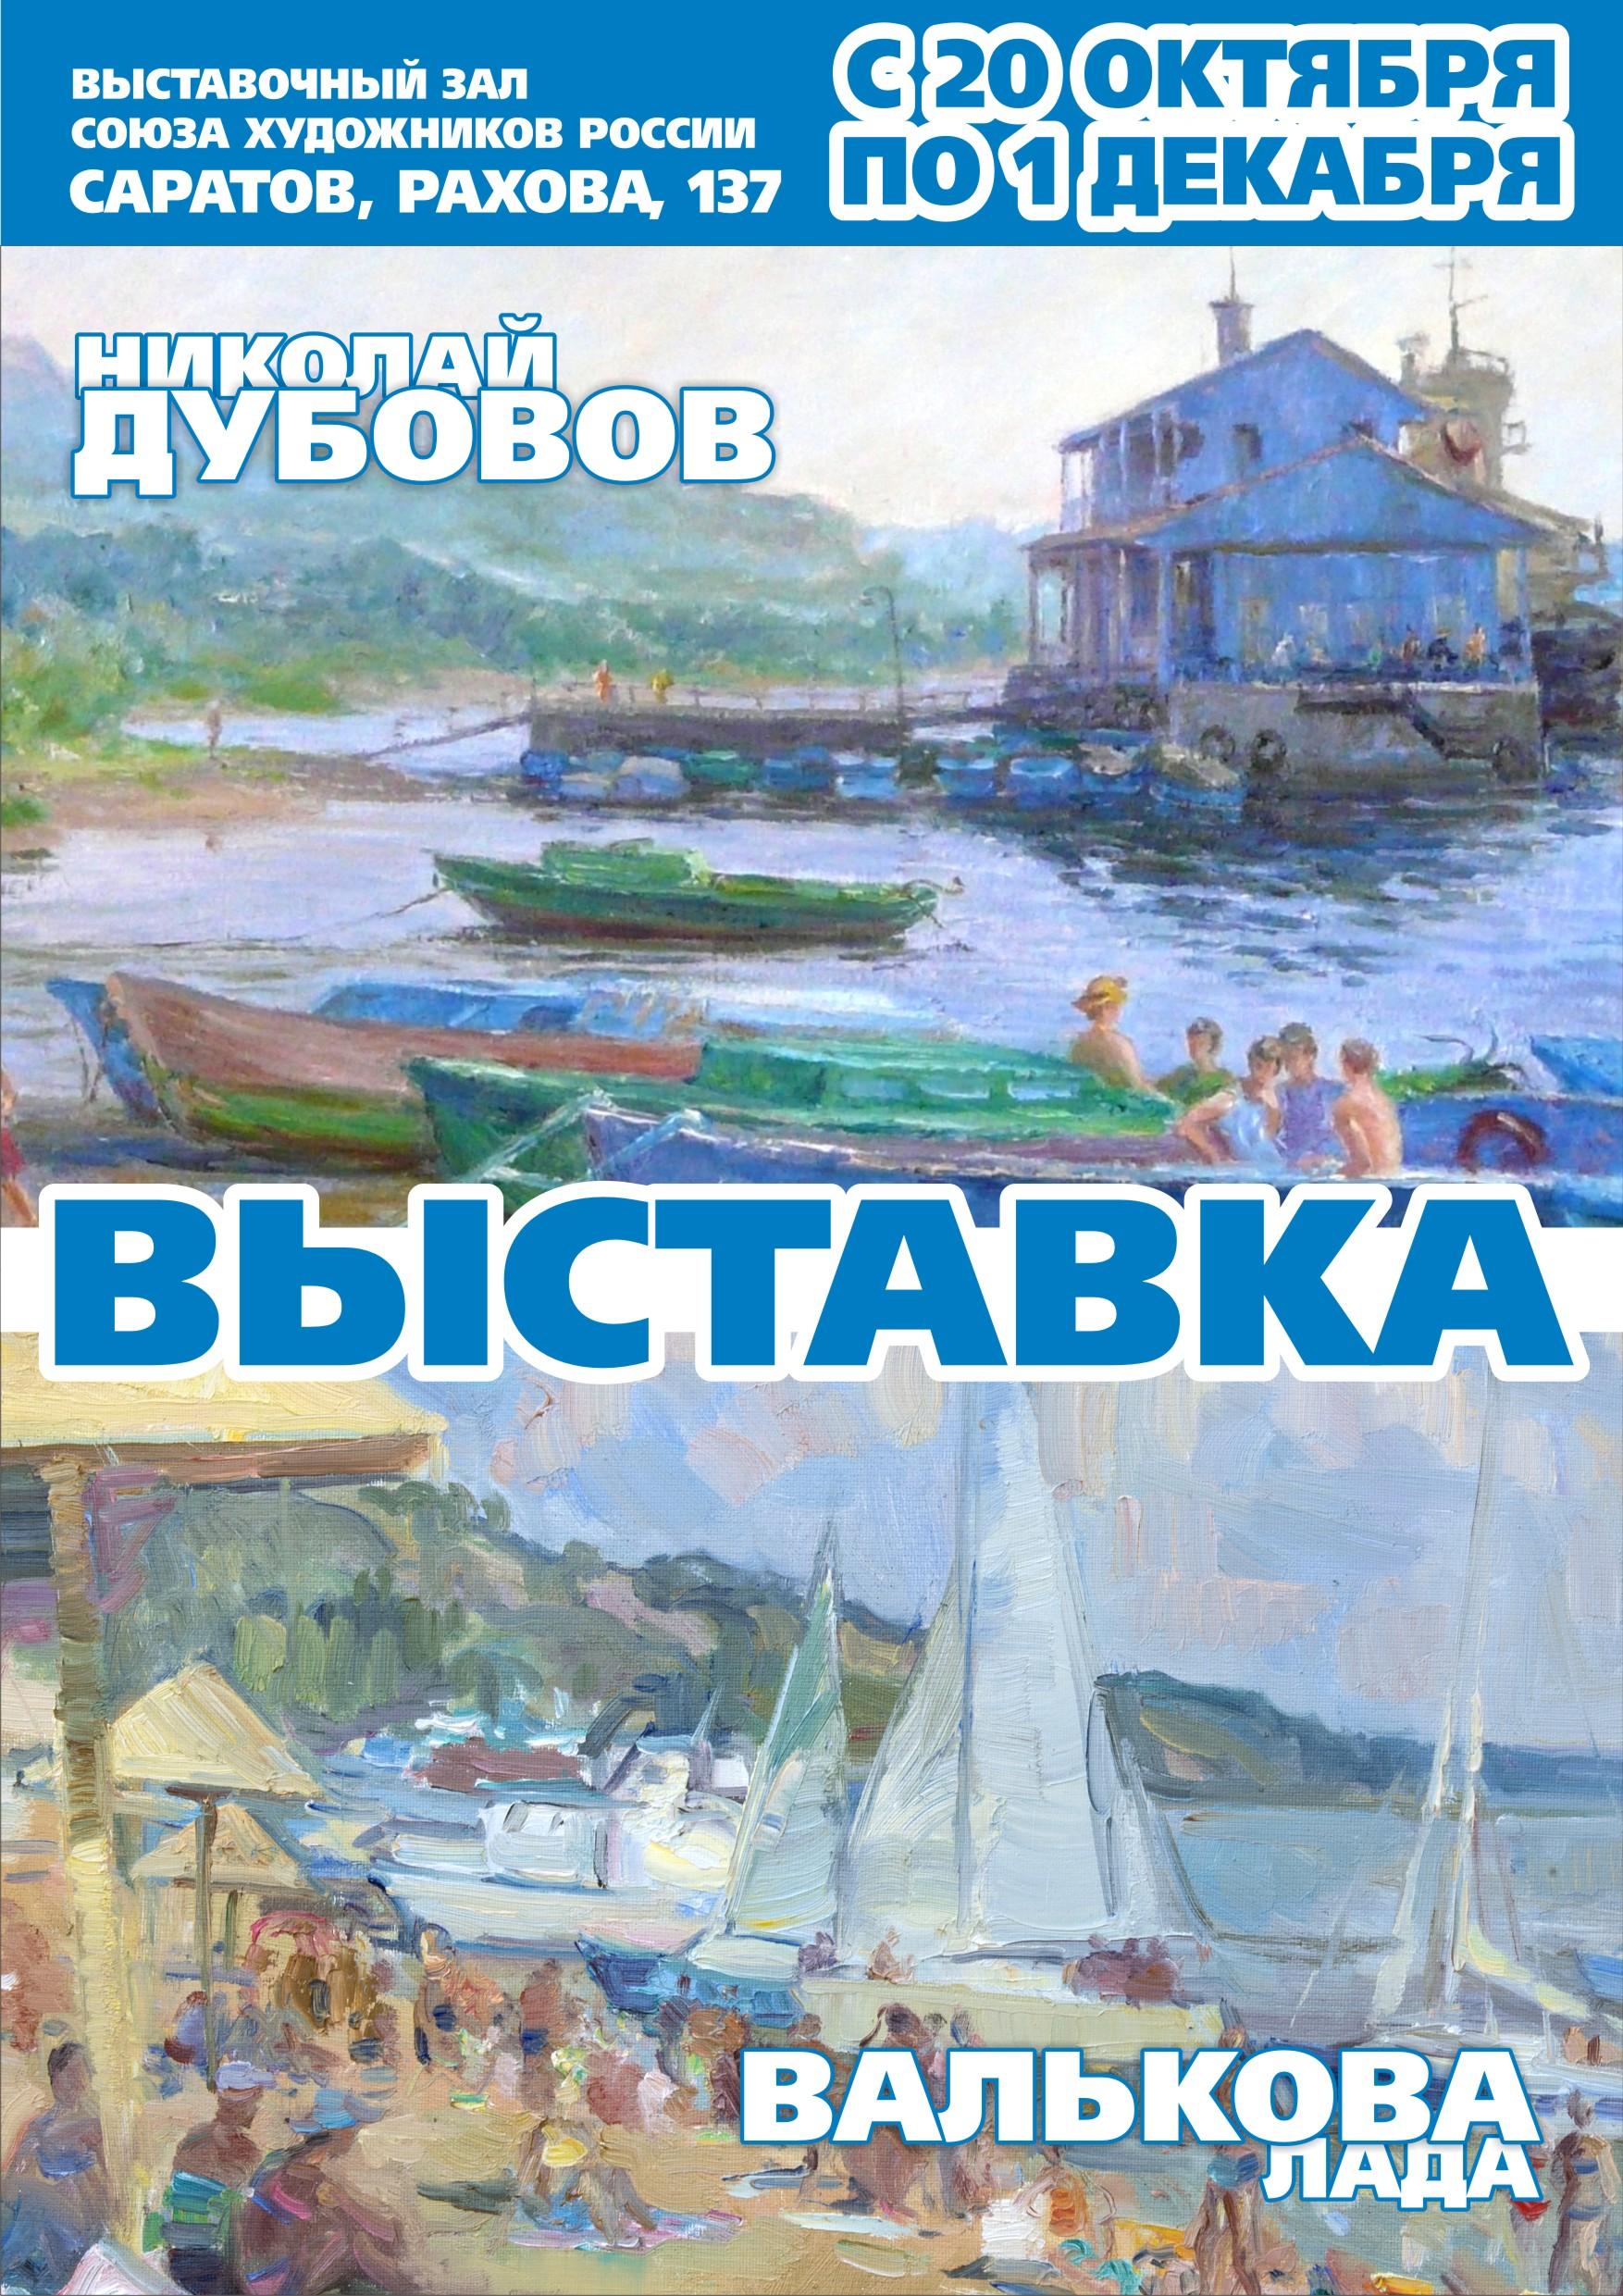 Афиша Валькова, Дубовов